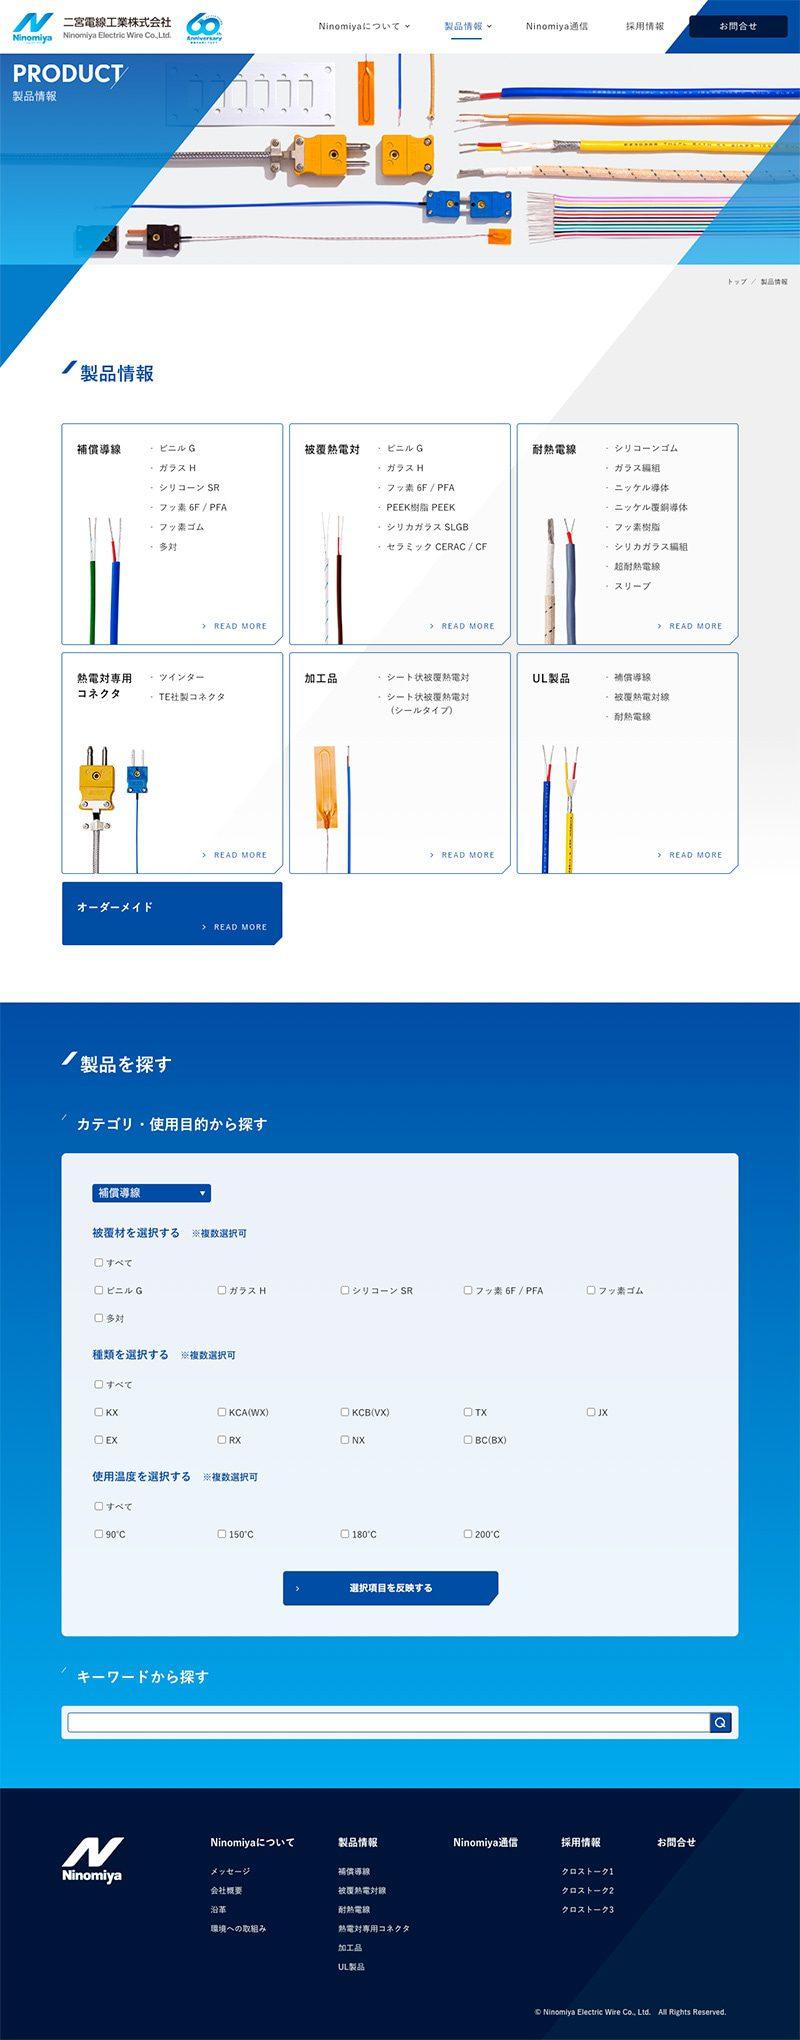 二宮電線工業株式会社様|コーポレートサイト/製品情報